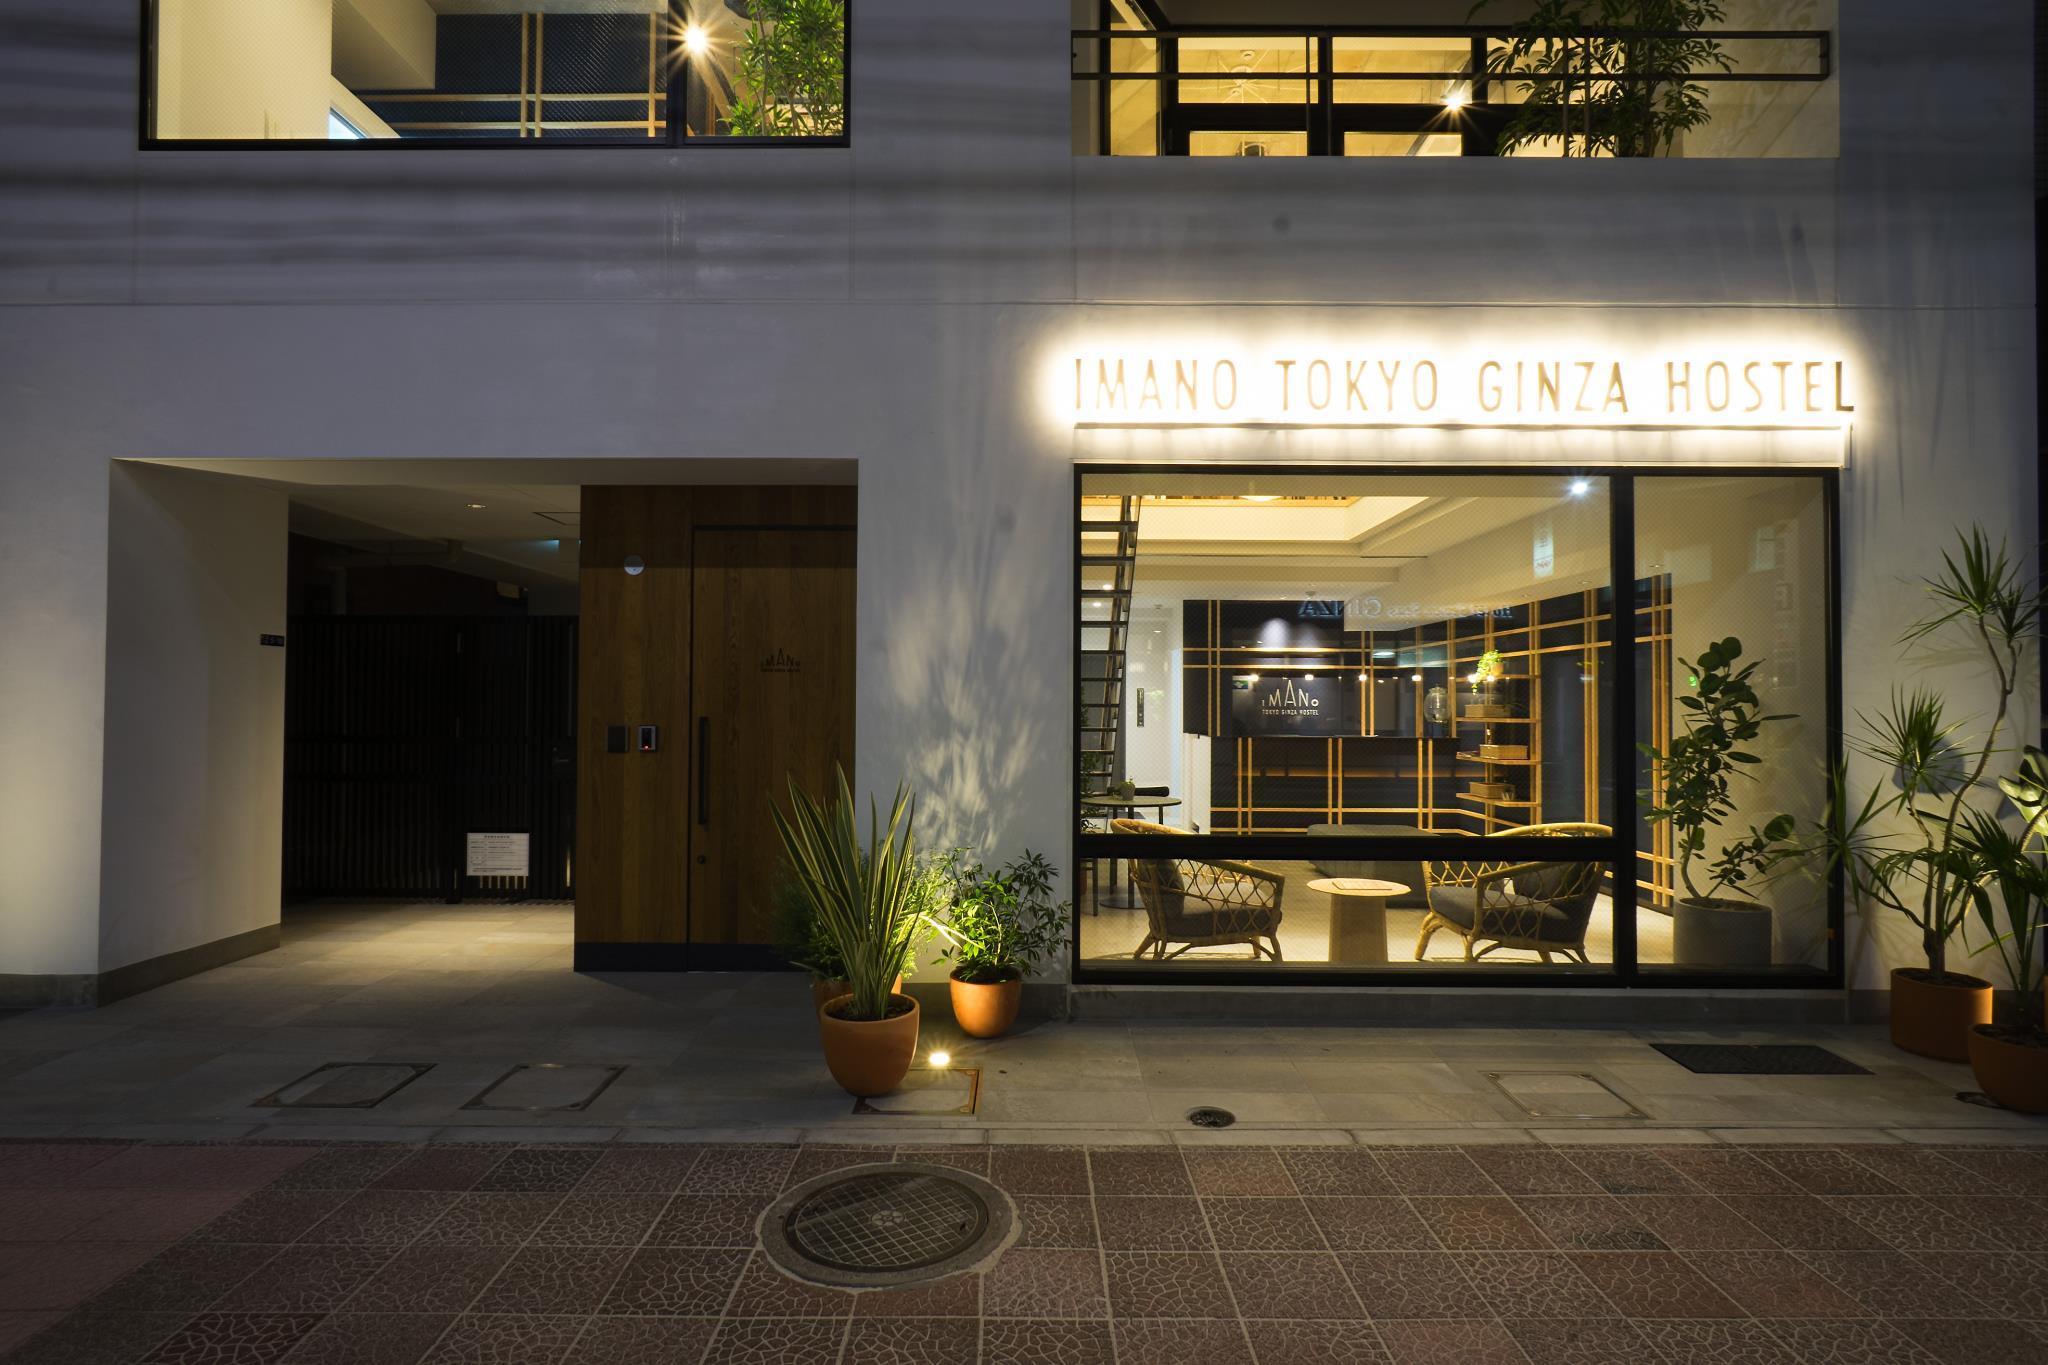 東京 銀座旅館|舒適大床.文青必住:IMANO東京銀座青年旅館 (IMANO TOKYO GINZA HOSTEL)